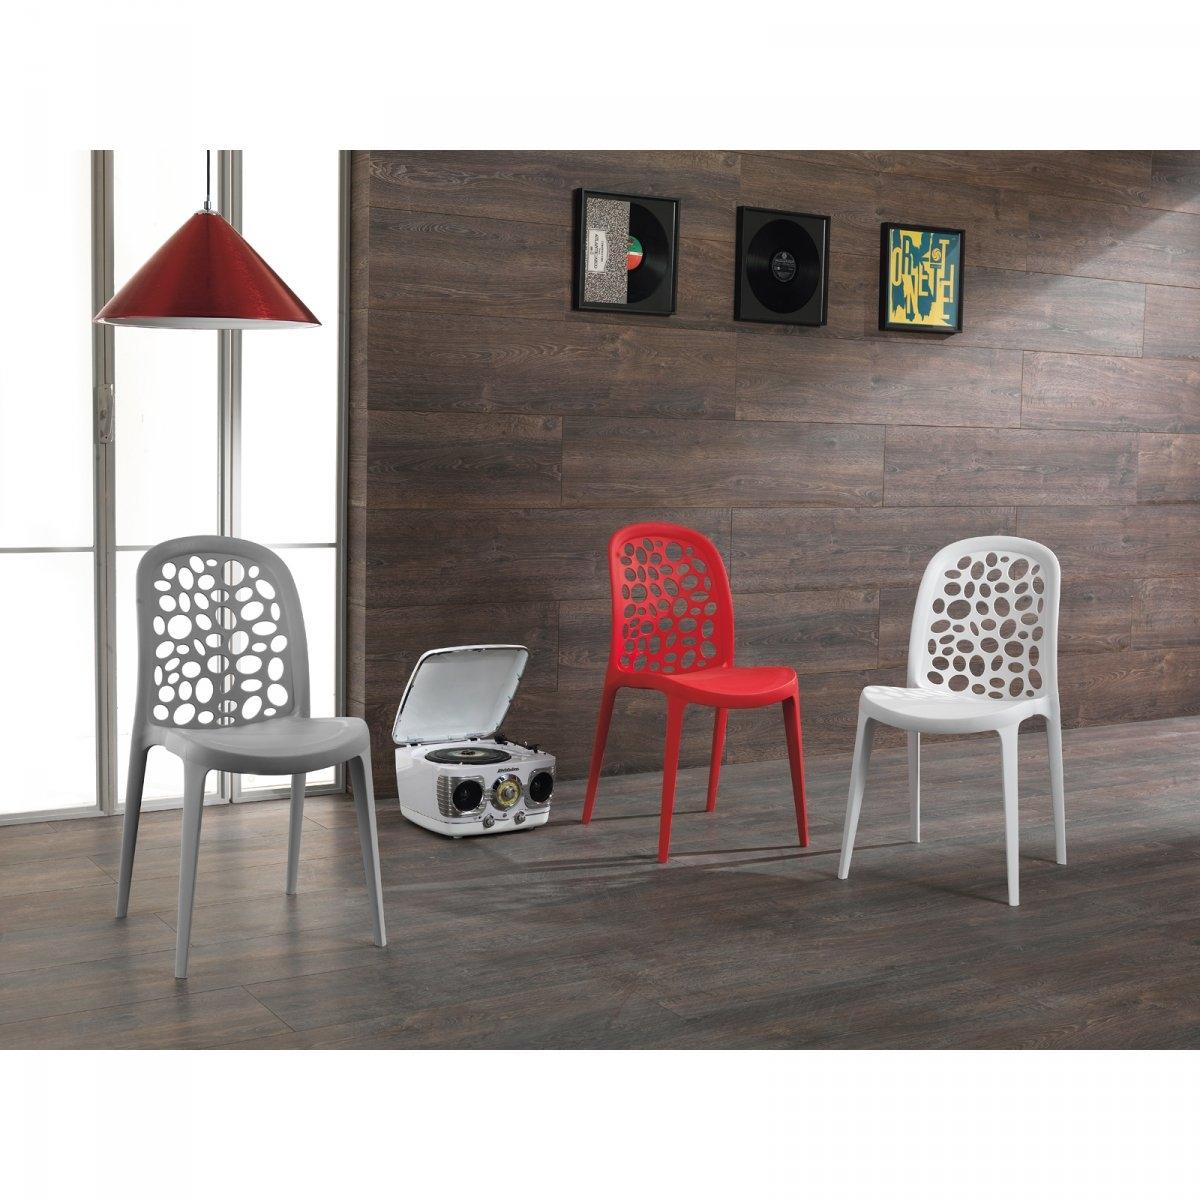 Sedia stones holes plastica design impilabile sedie a prezzi scontati - Sedie plastica design ...